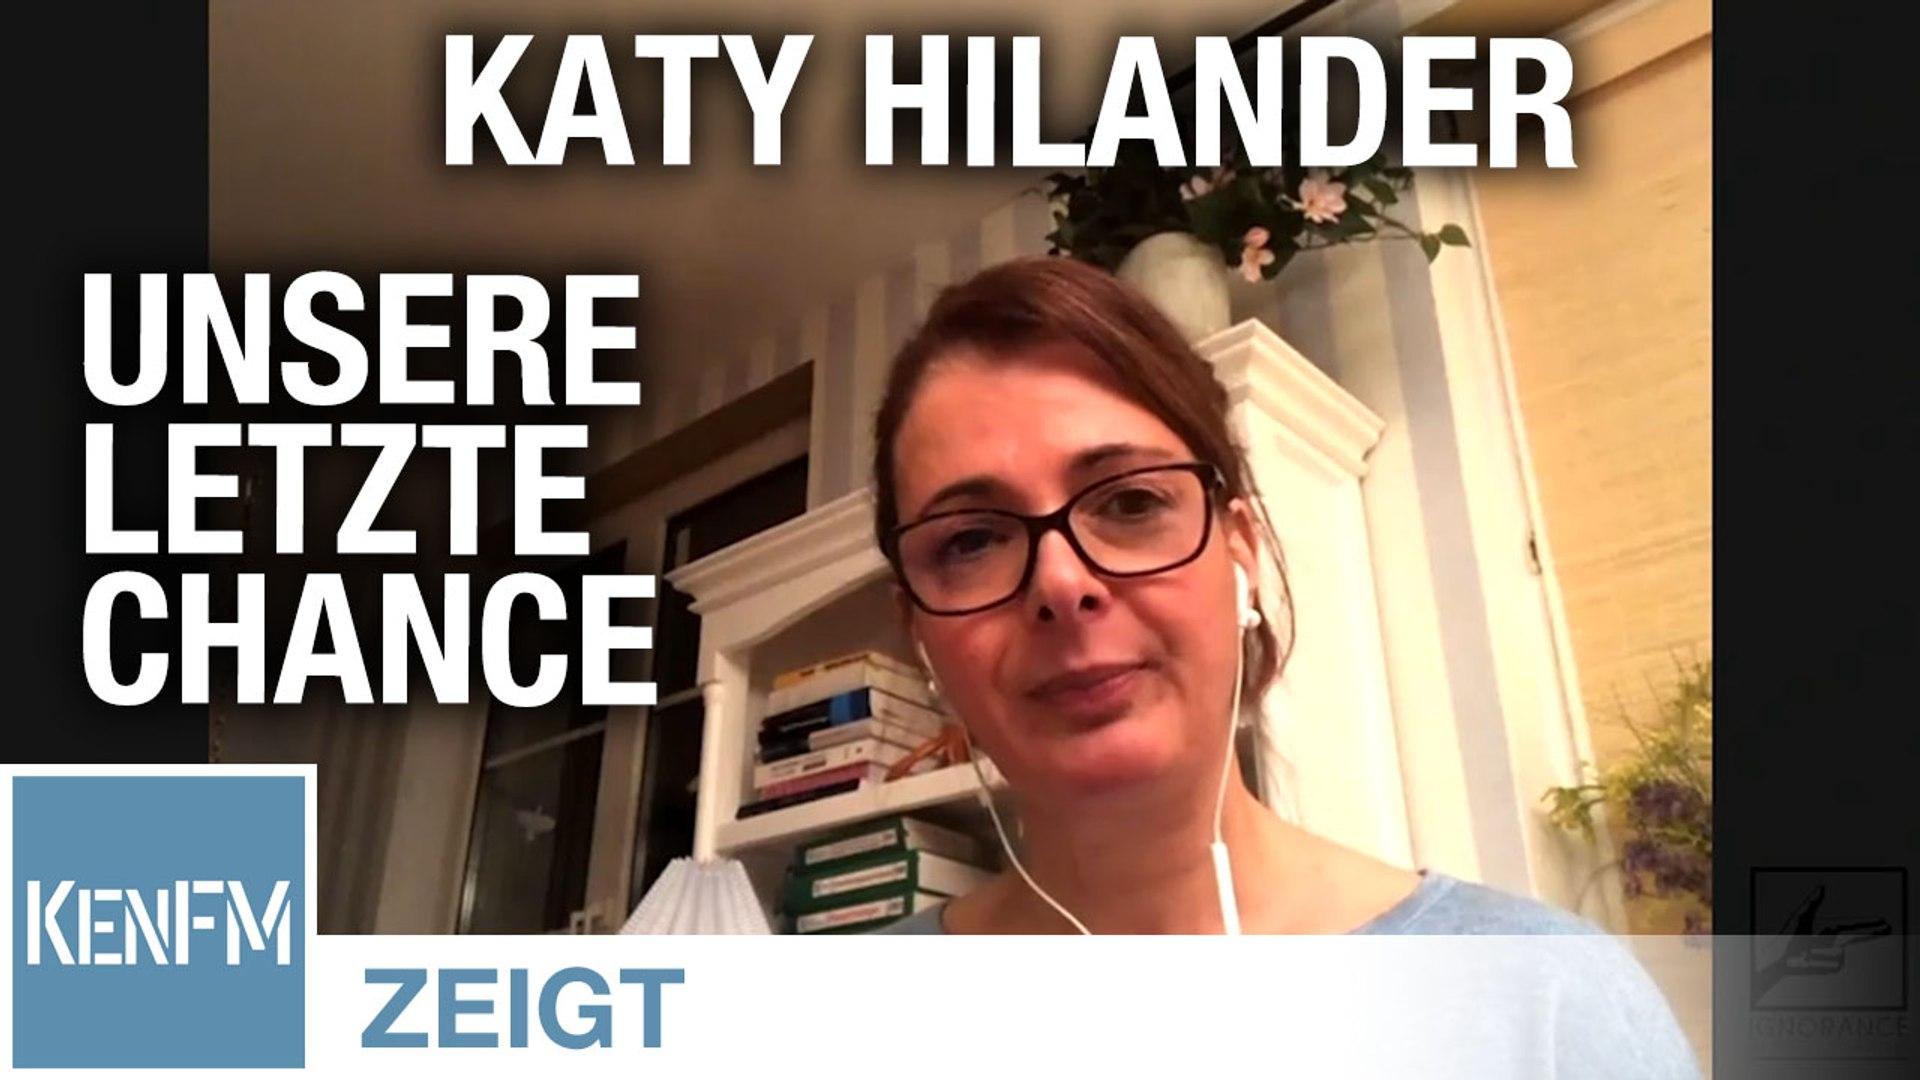 Katy Hilander – Unsere letzte Chance